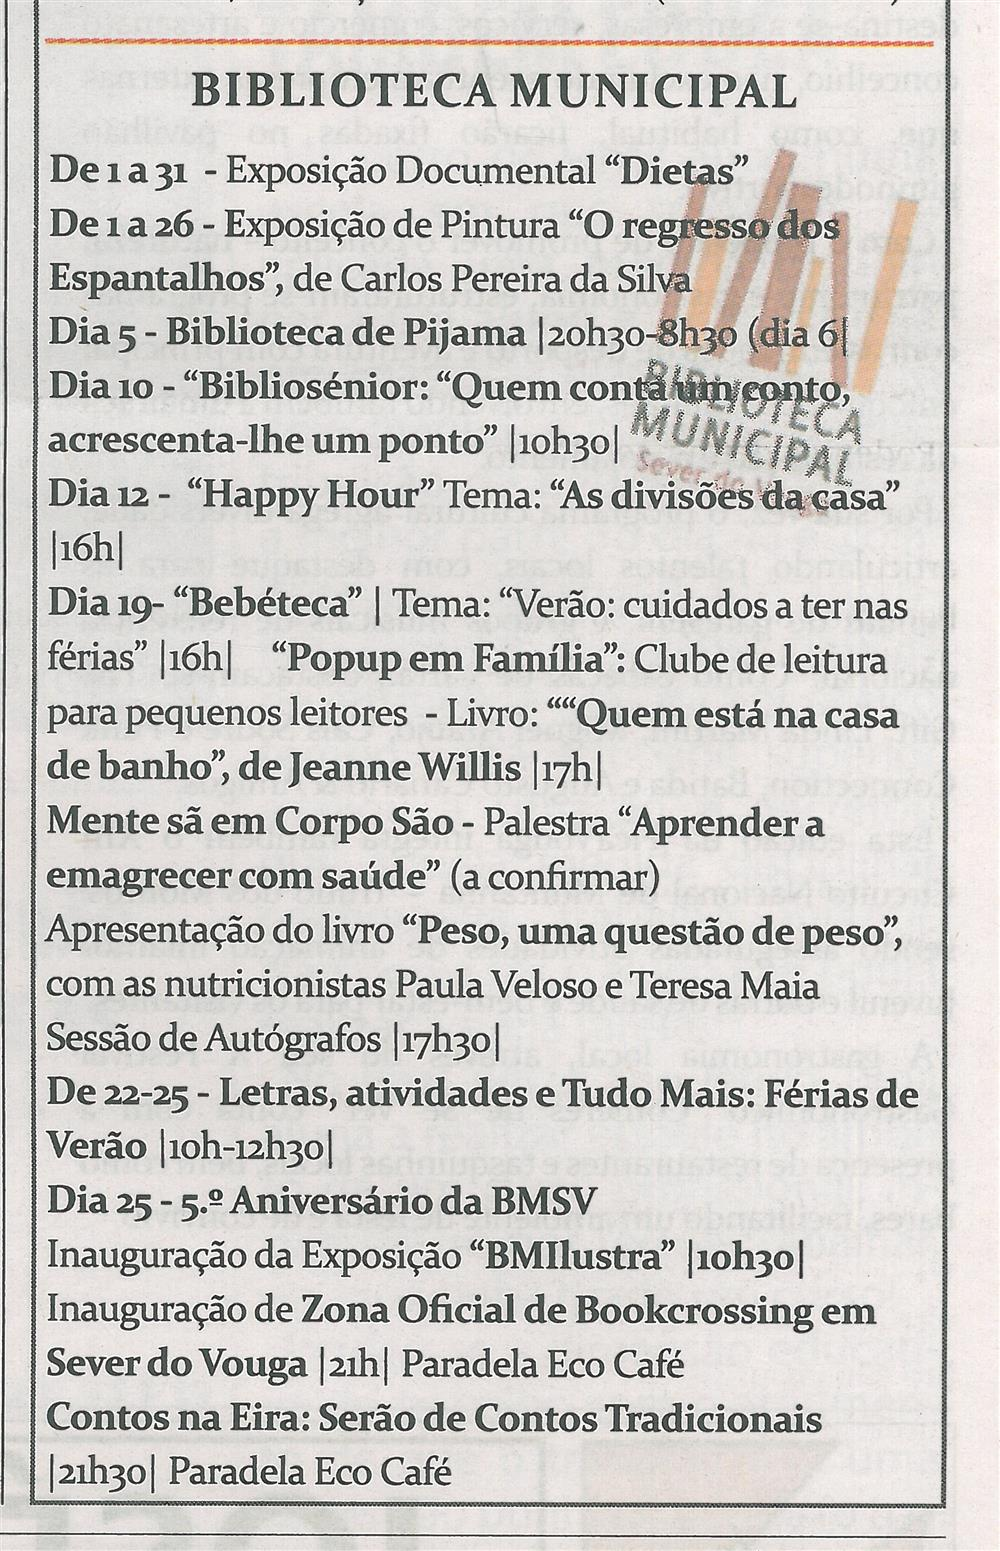 TV-jul.'14-p.15-Cultura : julho : Biblioteca Municipal.jpg